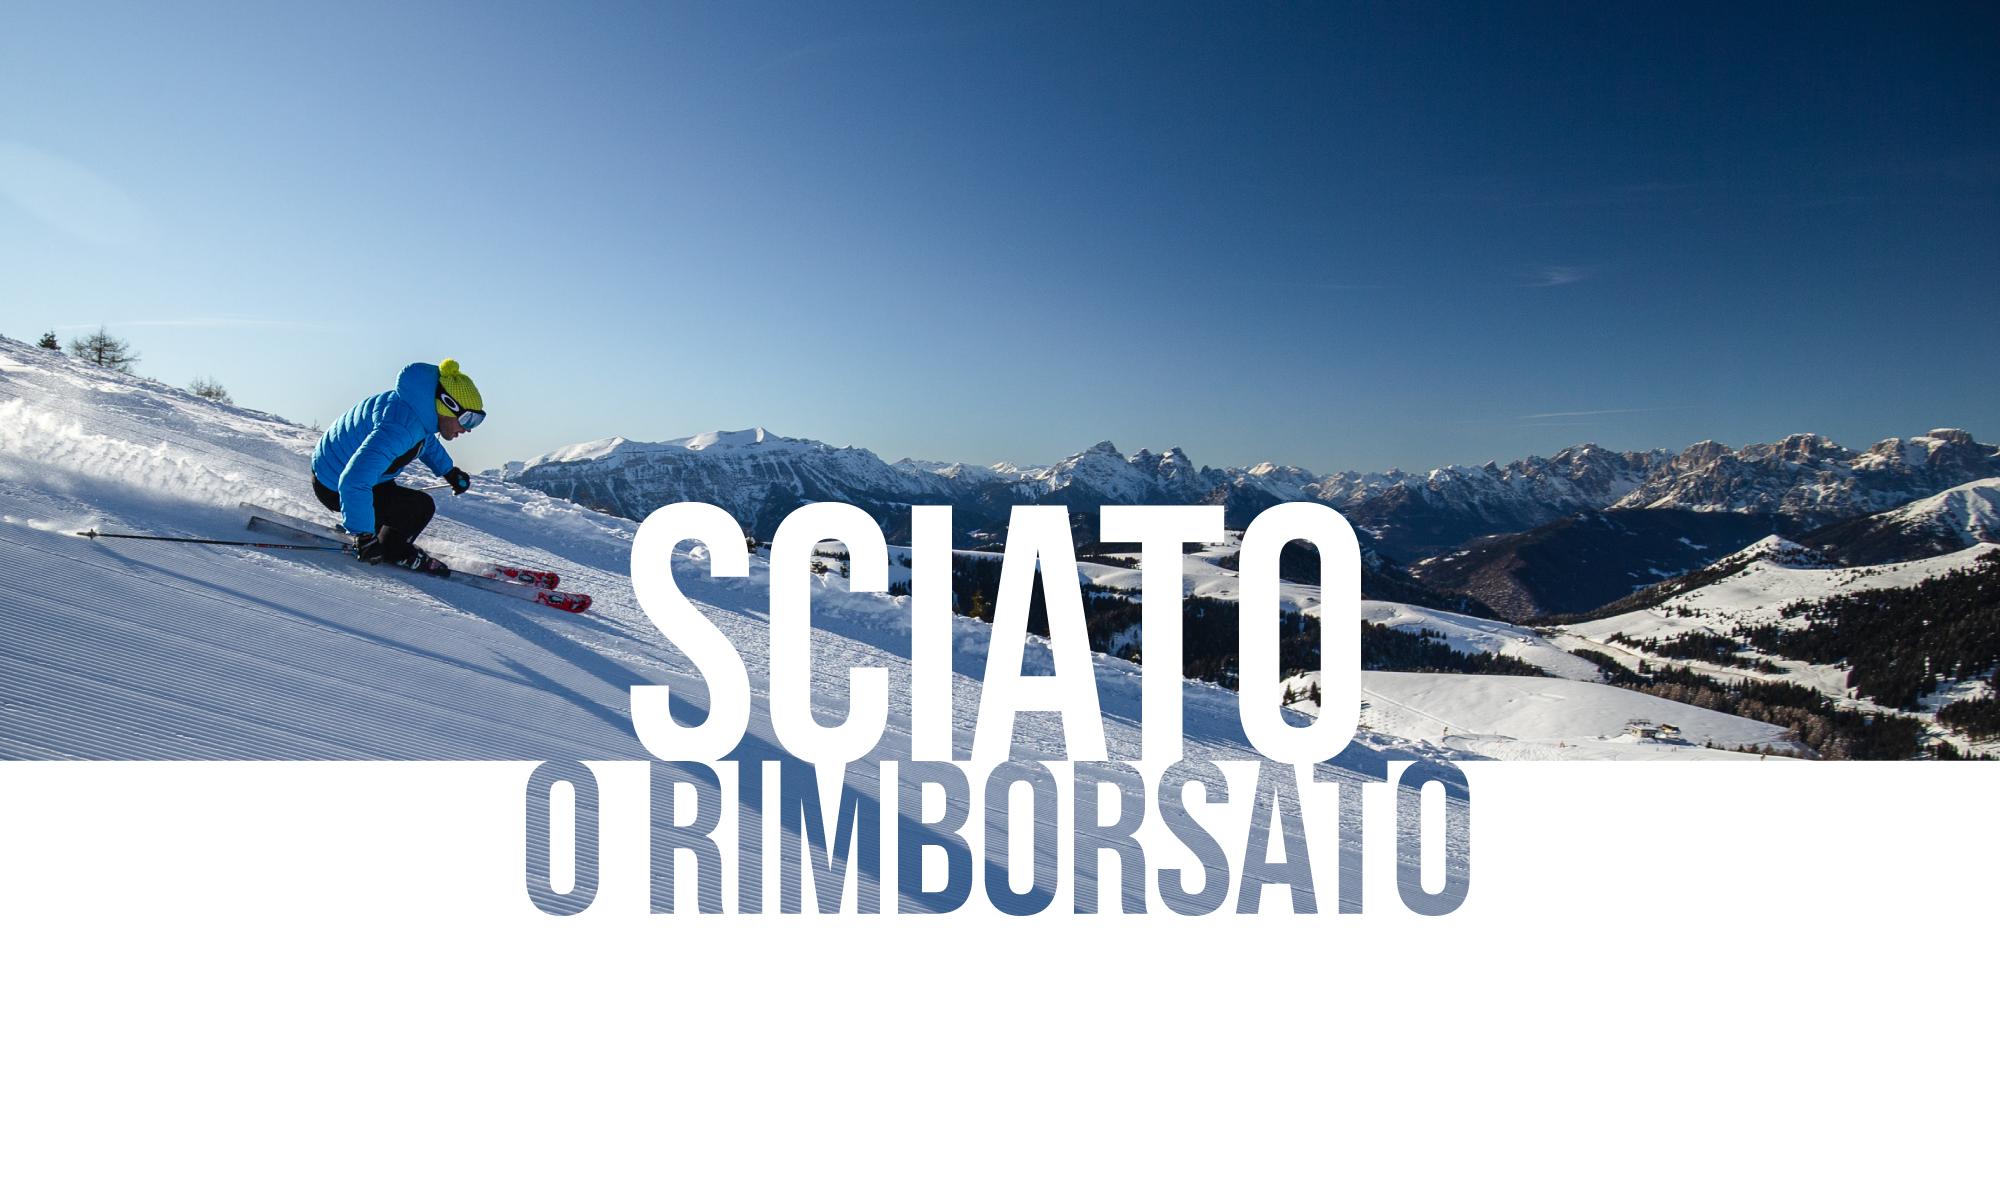 sciato_o_rimborsato_2000x1200